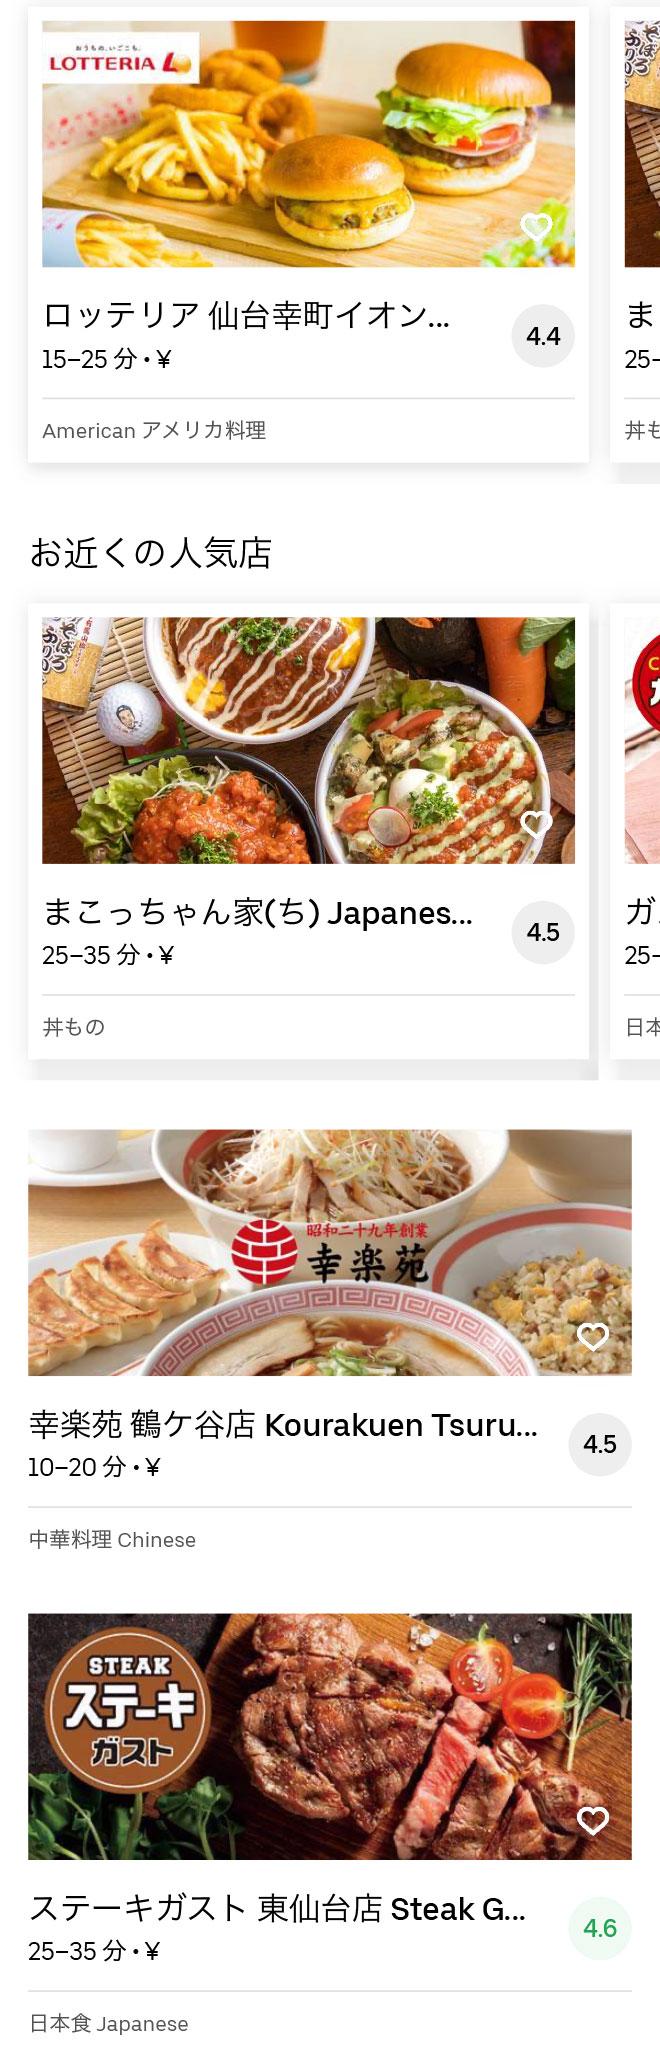 Higashi sendai menu 200401